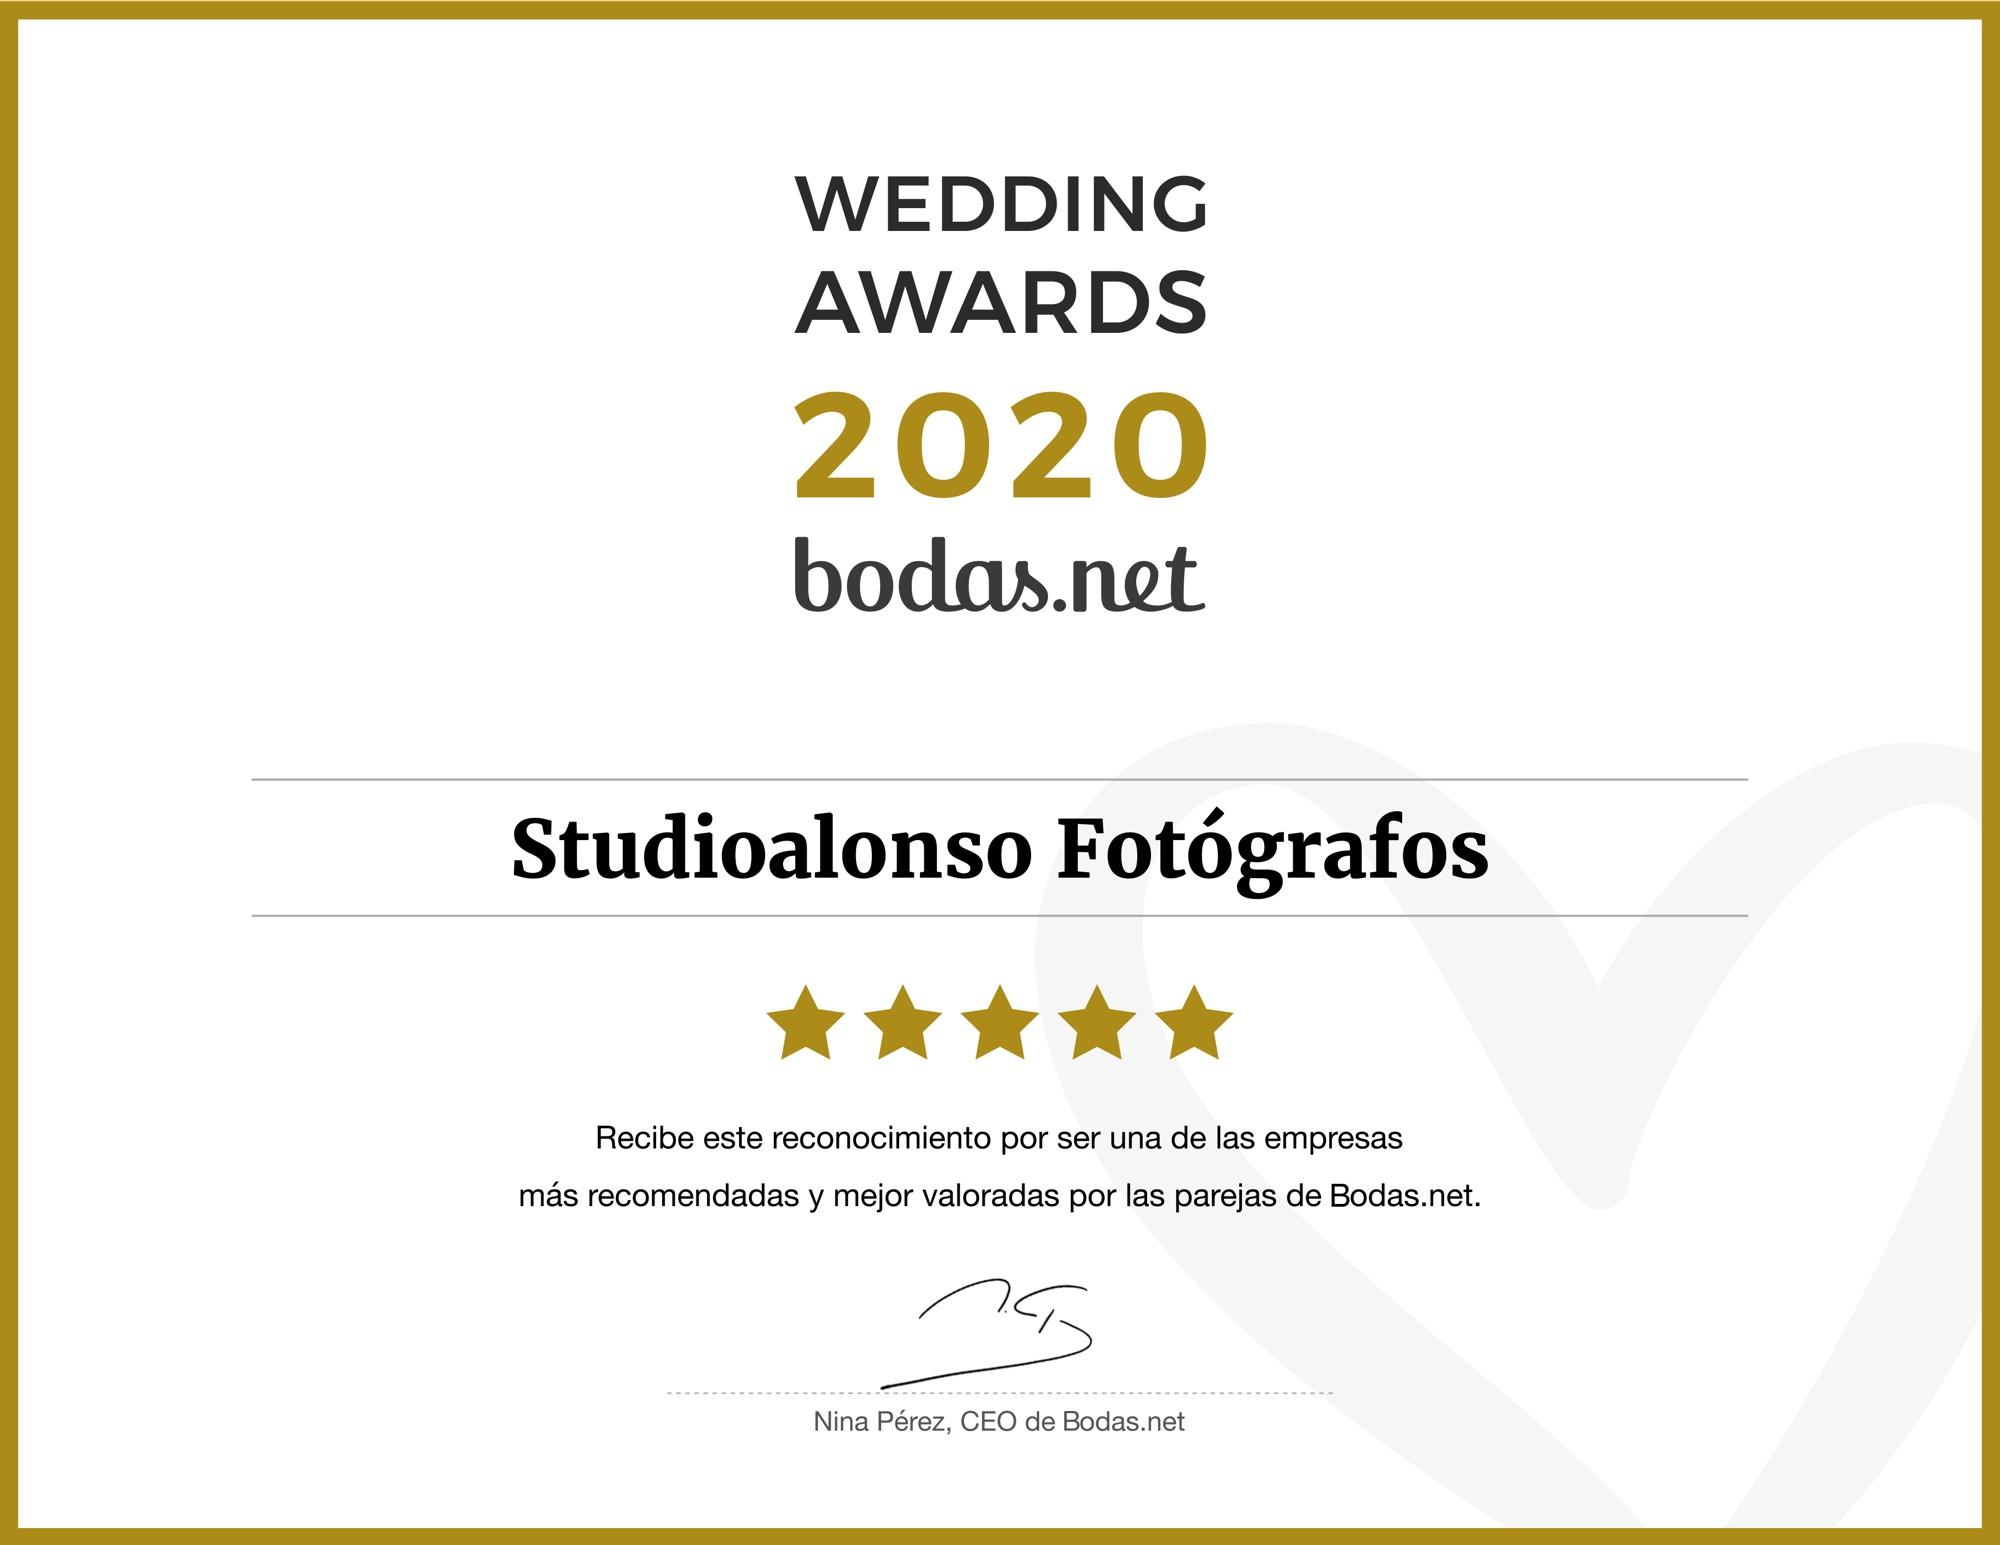 fotografos boda Wedding_Awards_2020 bodasnet studioalonso fotografos